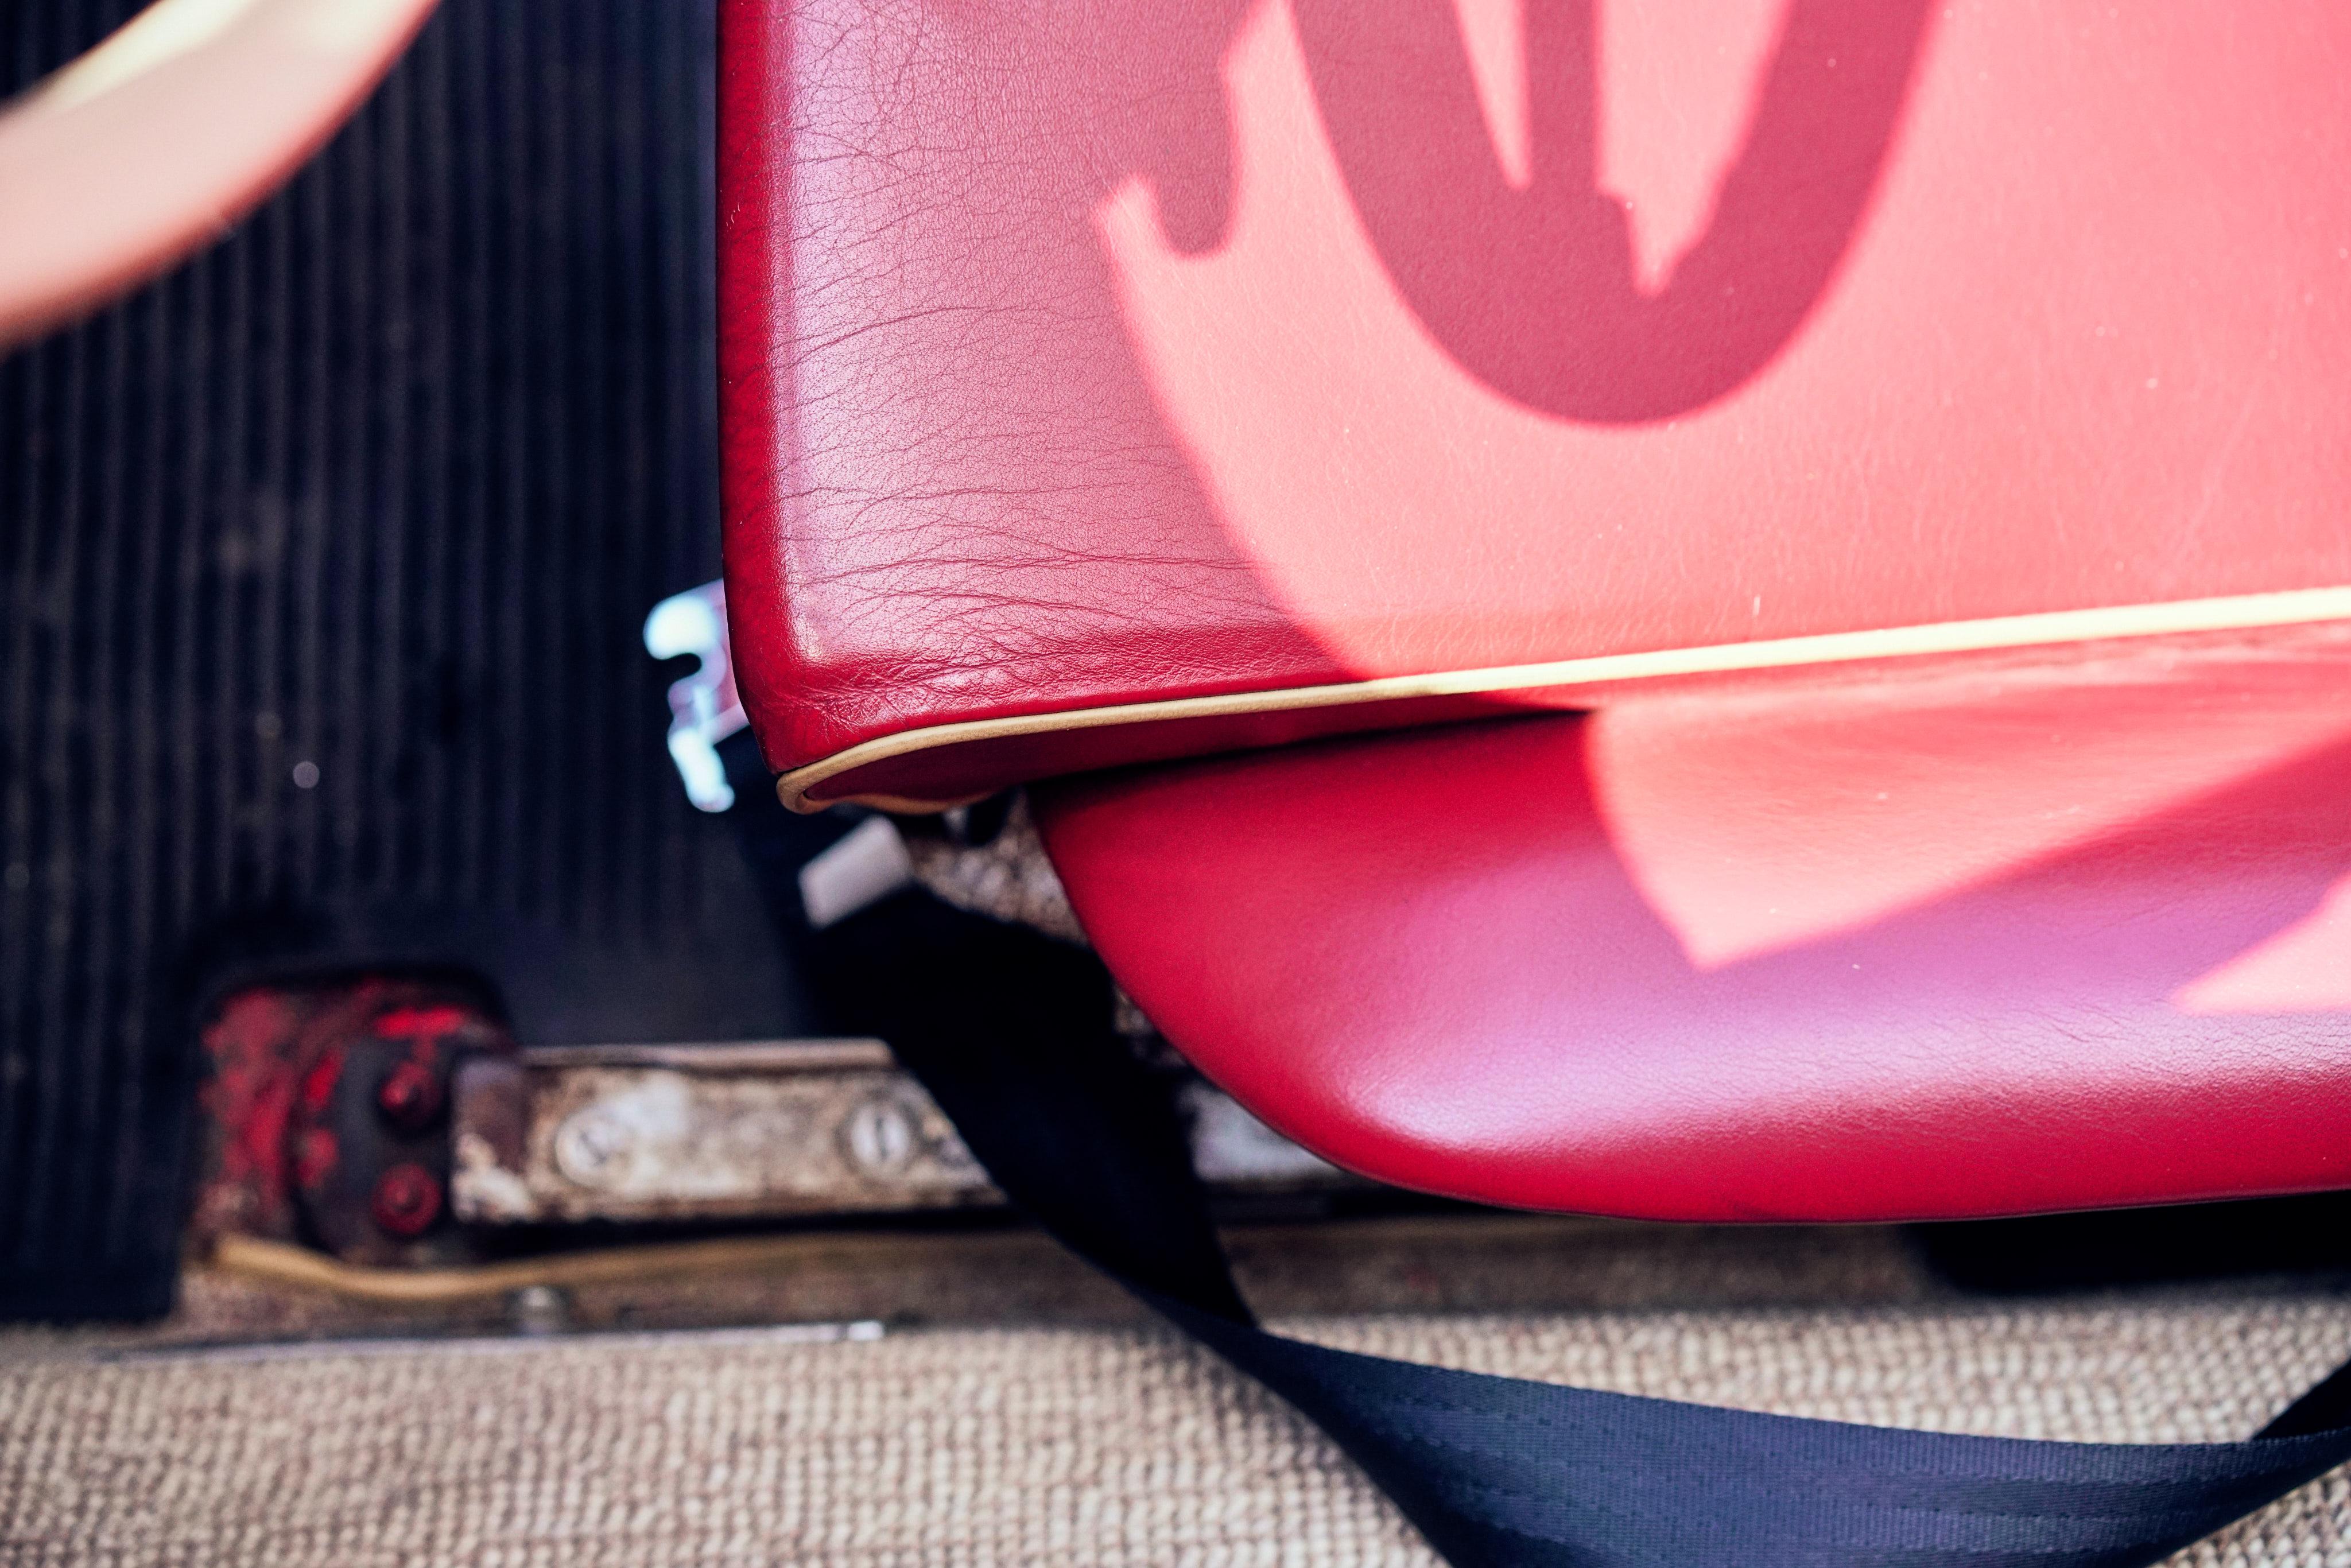 Luftgekühlt-6-Rennen-09-Porsche-356-Original-1958-Speedster-Interior